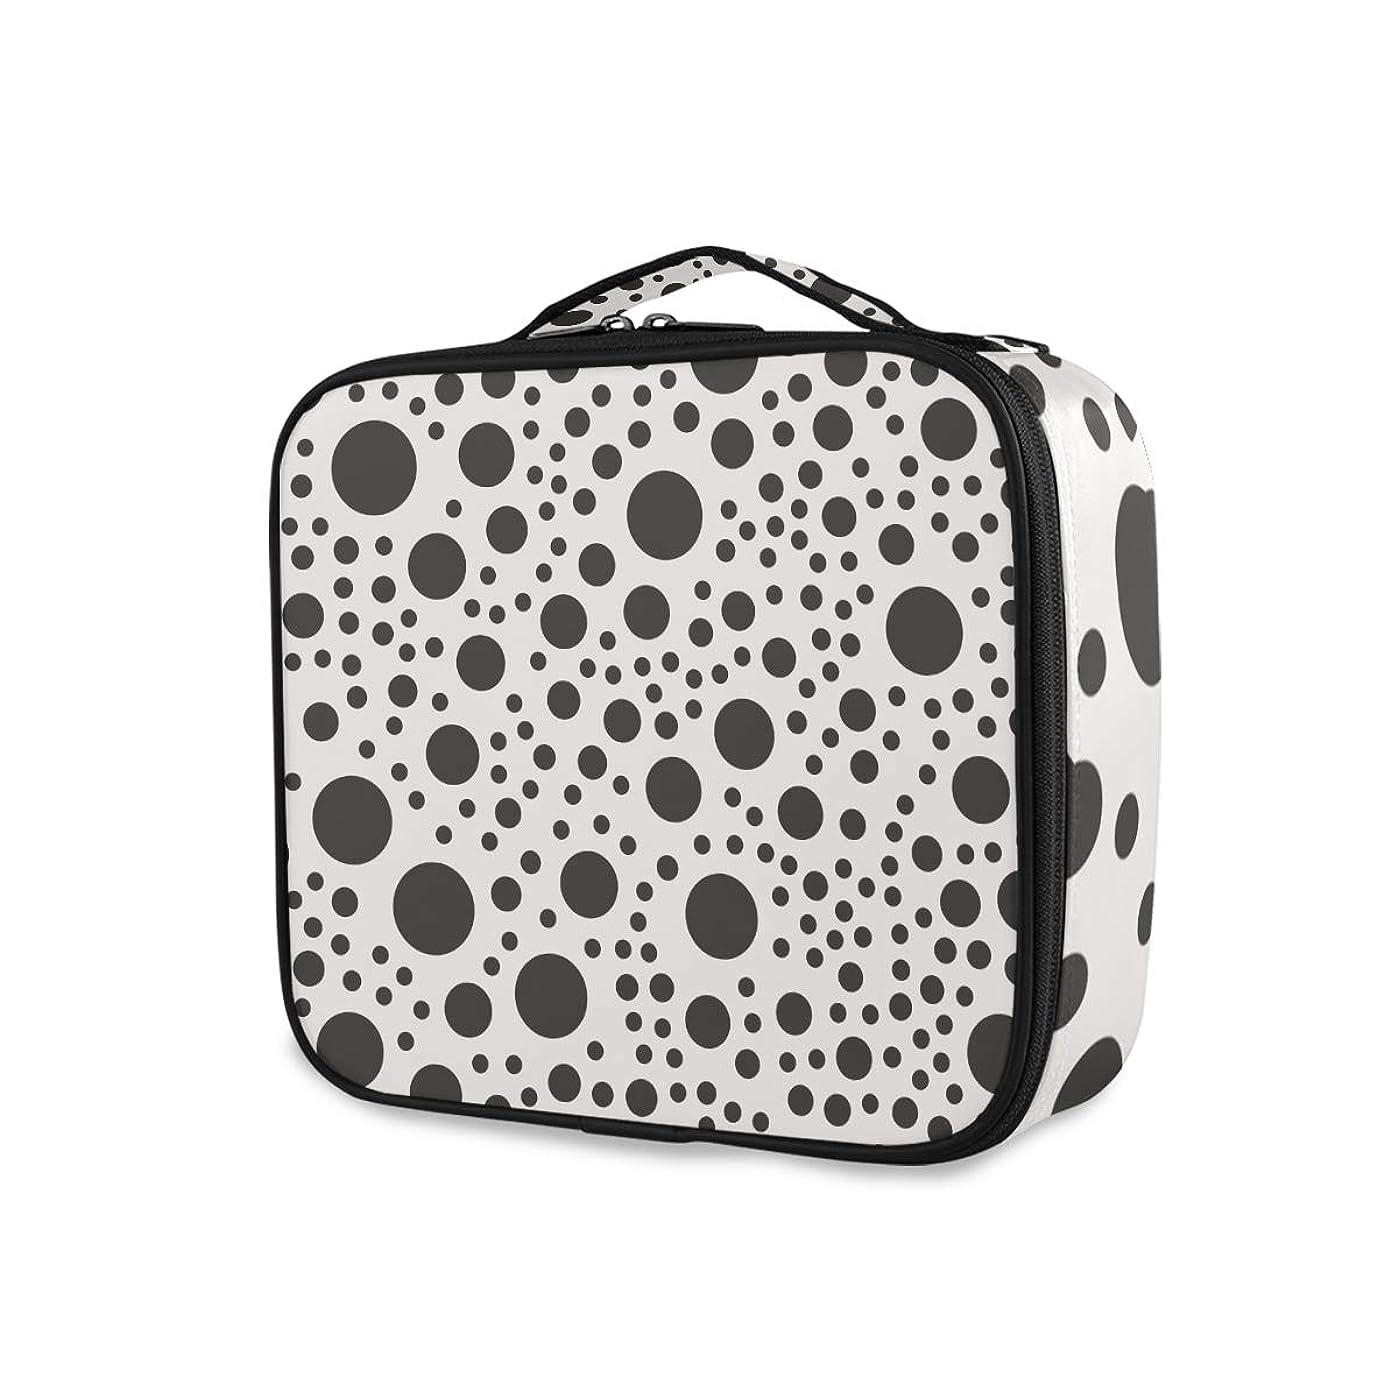 モルヒネ予想外尊敬メイクボックス 水玉 黒白 かわいい 大容量 収納 仕切り付き 収納ケース 機能性 小物入れ 旅行 通勤 化粧道具 高品質 メイク収納 整理 持ち運び